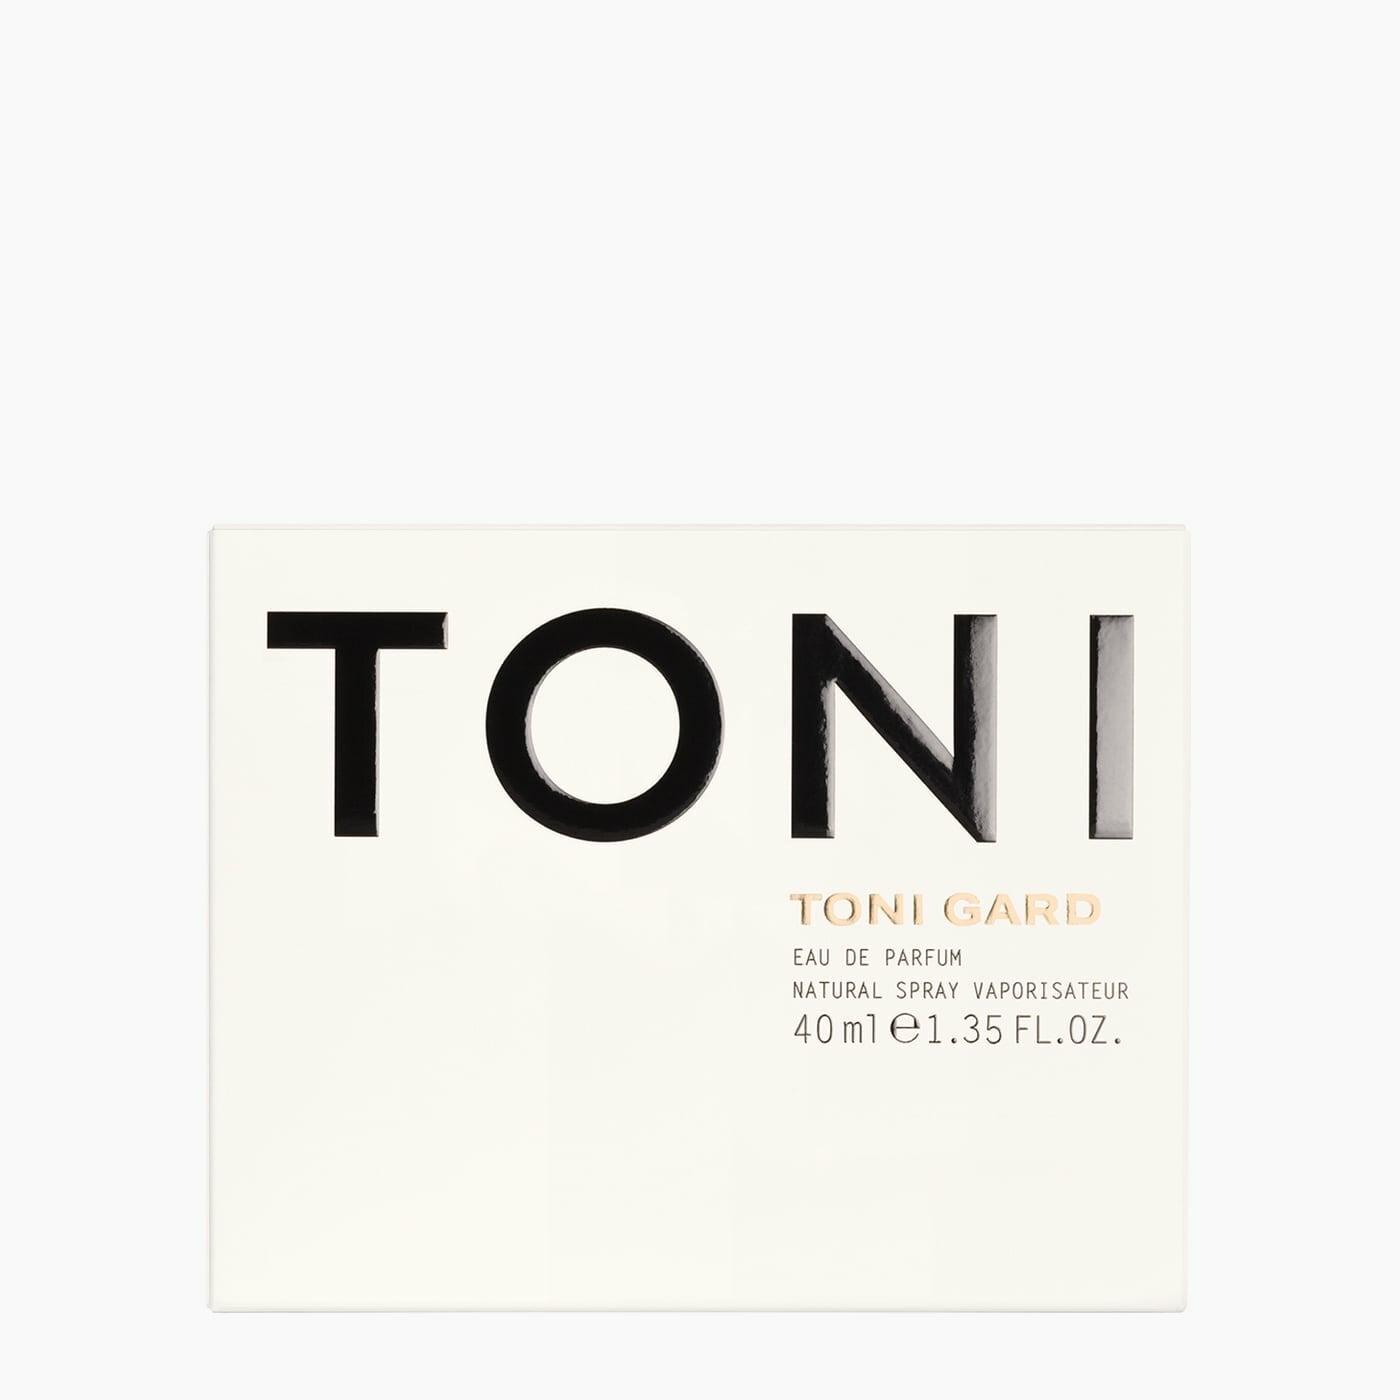 TONI FOR WOMEN Eau de Parfum / 40 ML